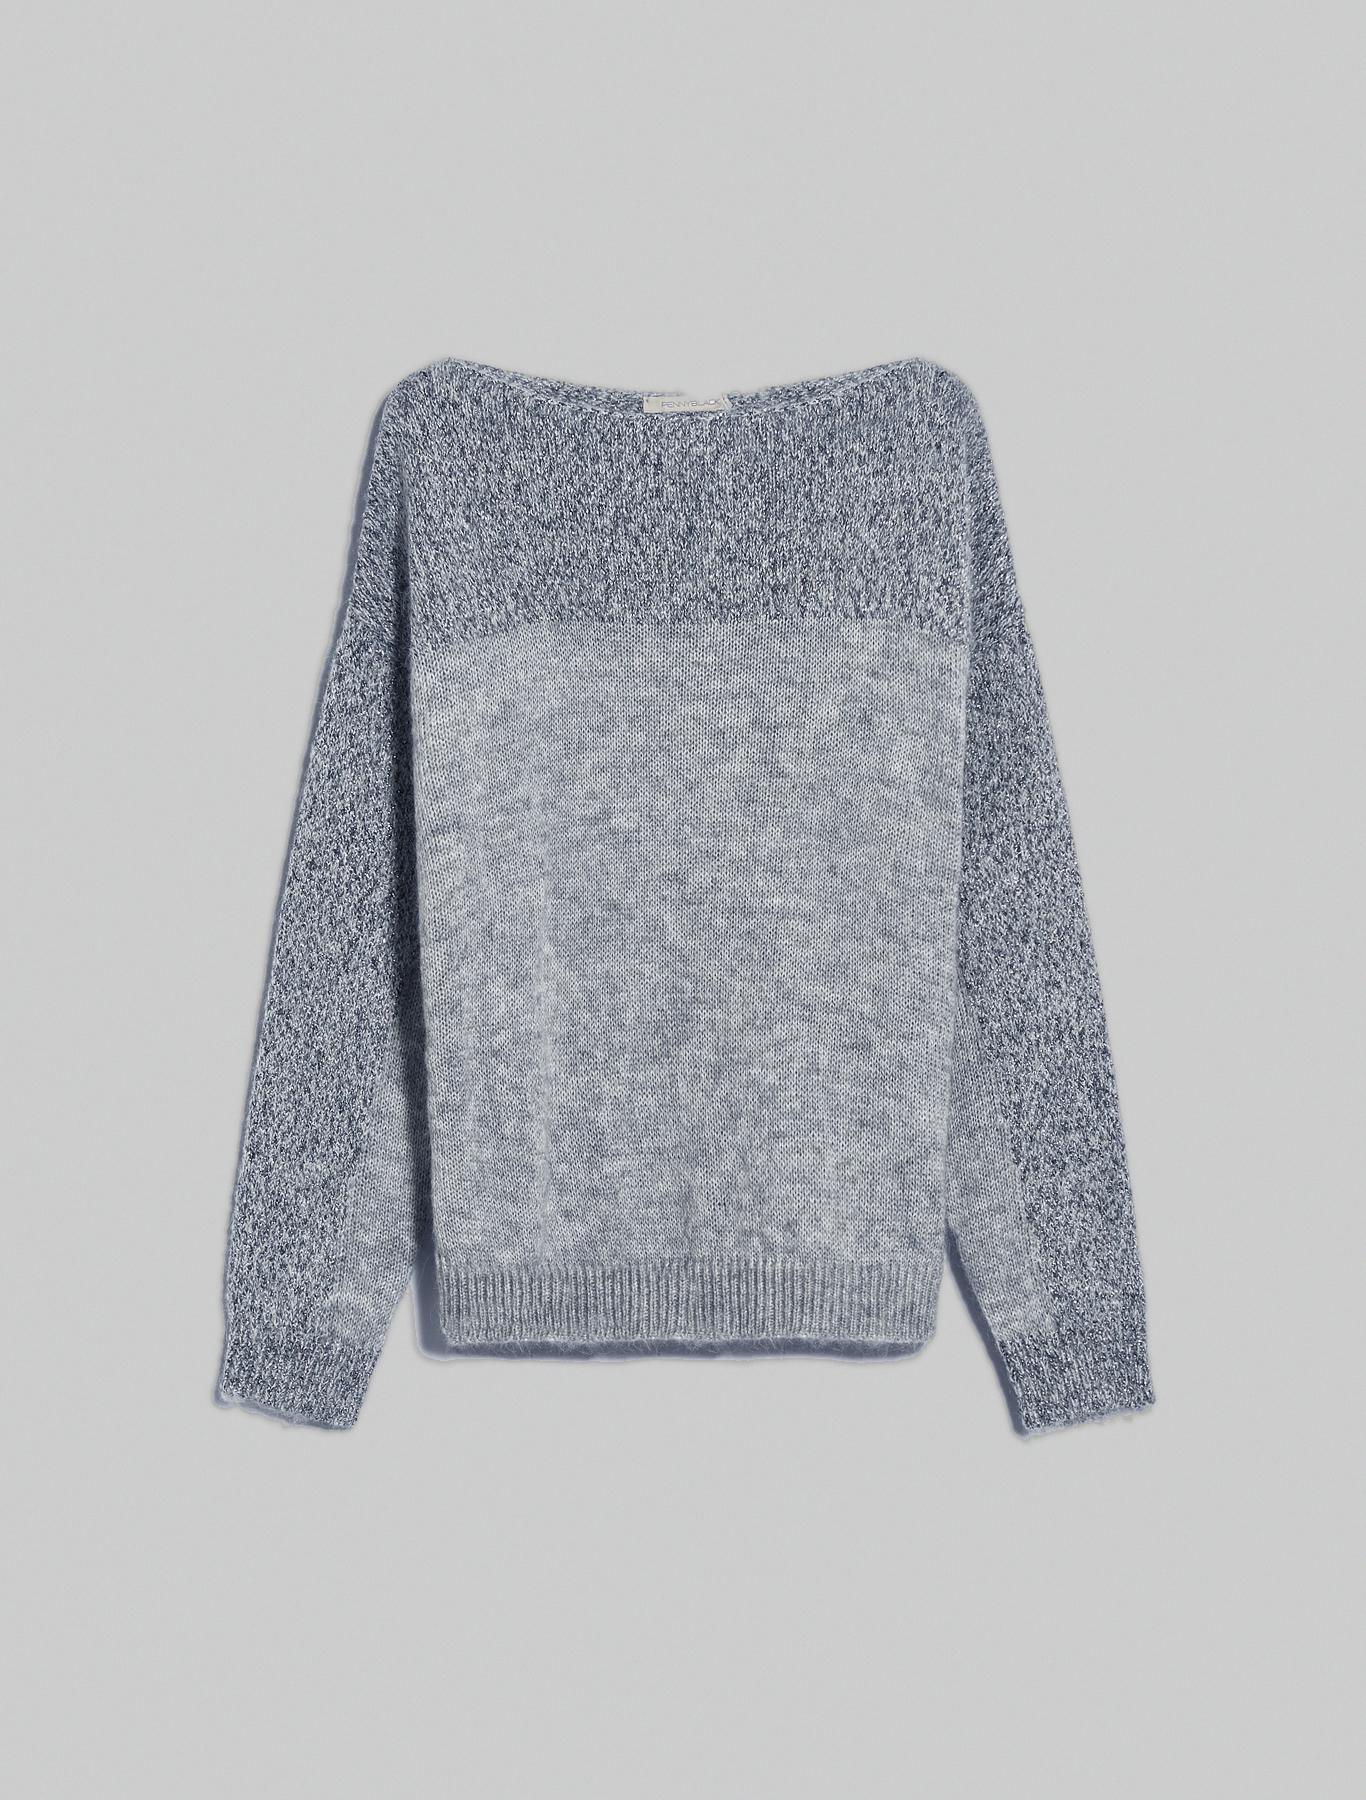 Lamé mohair jumper - dark grey - pennyblack